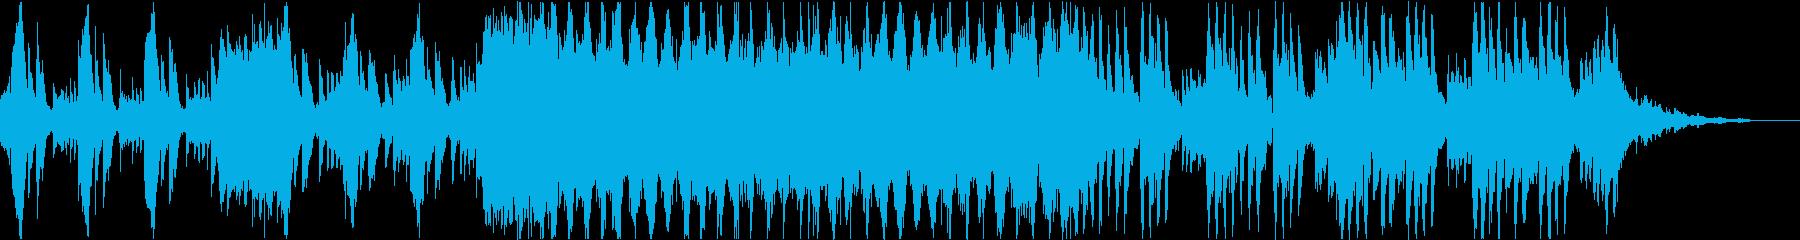 可愛らしいメルヘンなBGMの再生済みの波形